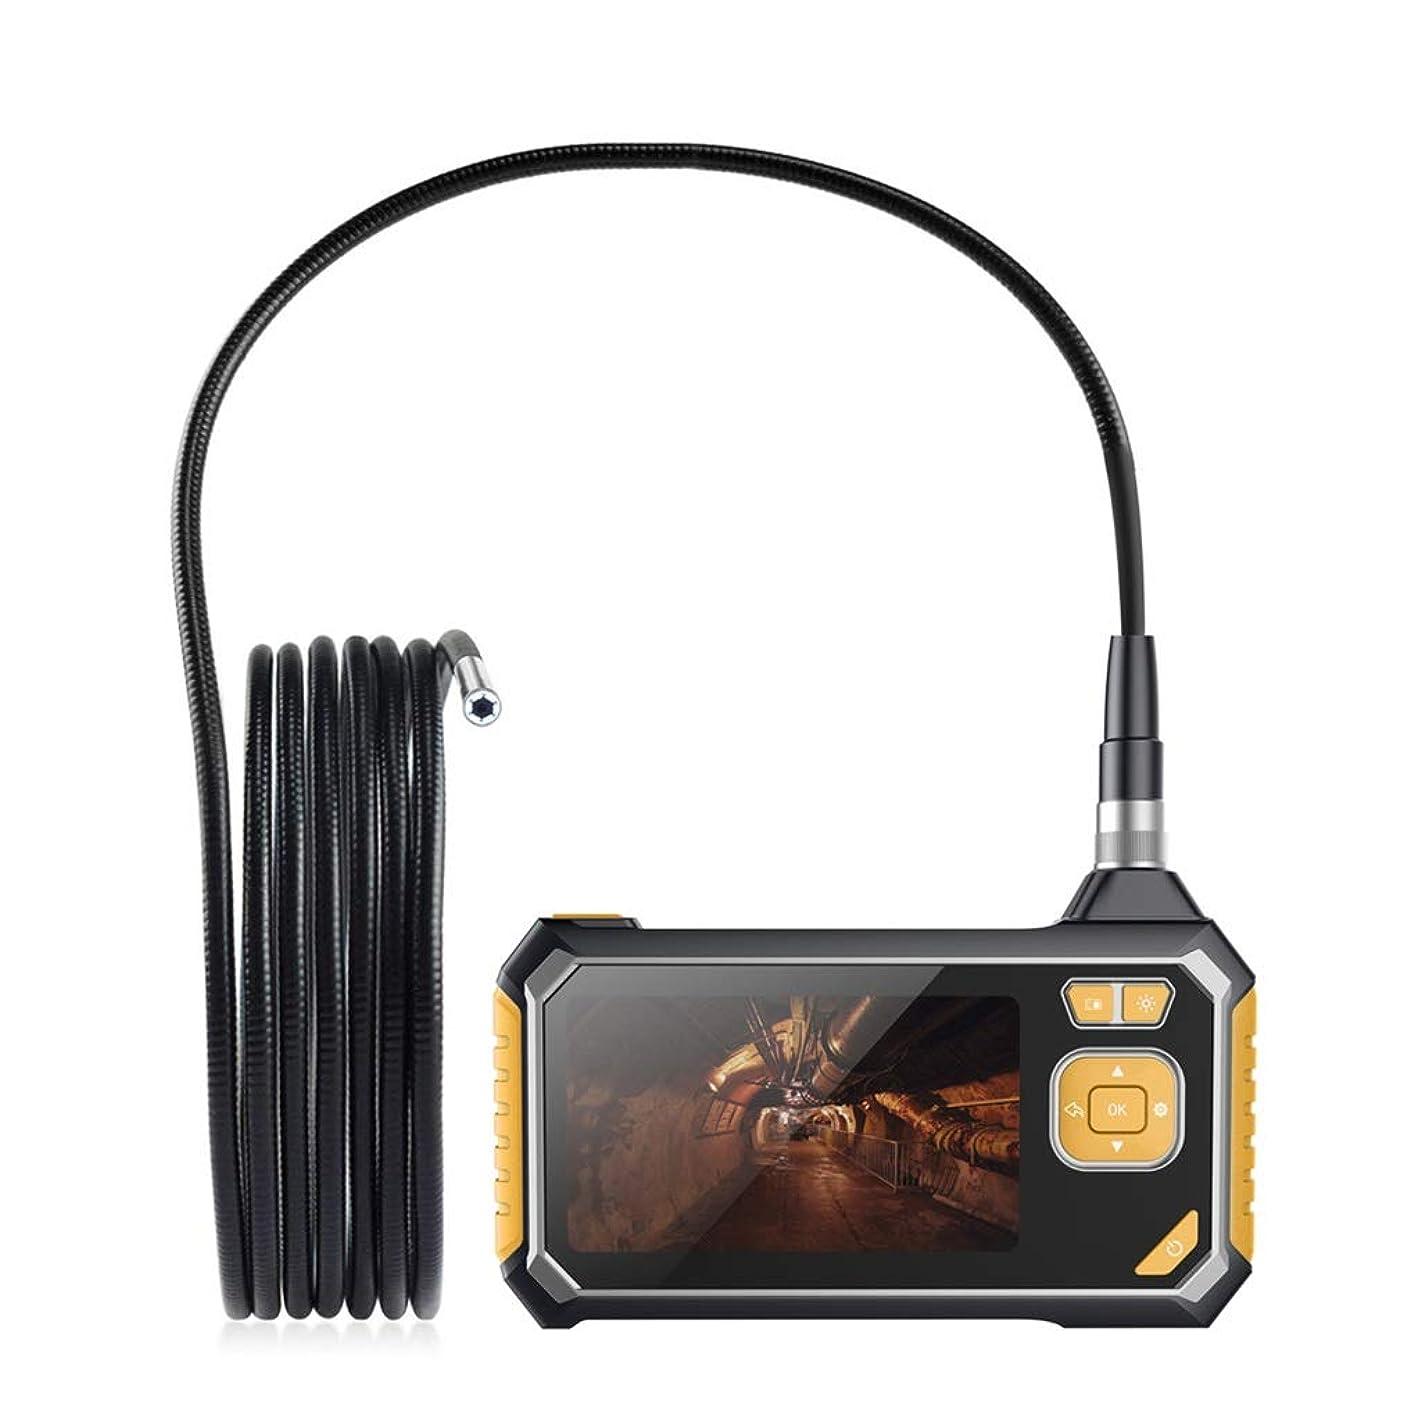 文字展望台トリクル工業用内視鏡カメラ、4.3インチ高精細LCDスクリーン内視鏡ウォールマウントカメラ1080 P FHD検出カメラライン長1メートルハンドヘルド内視鏡ホームおよび工業用内視鏡、6つのLED